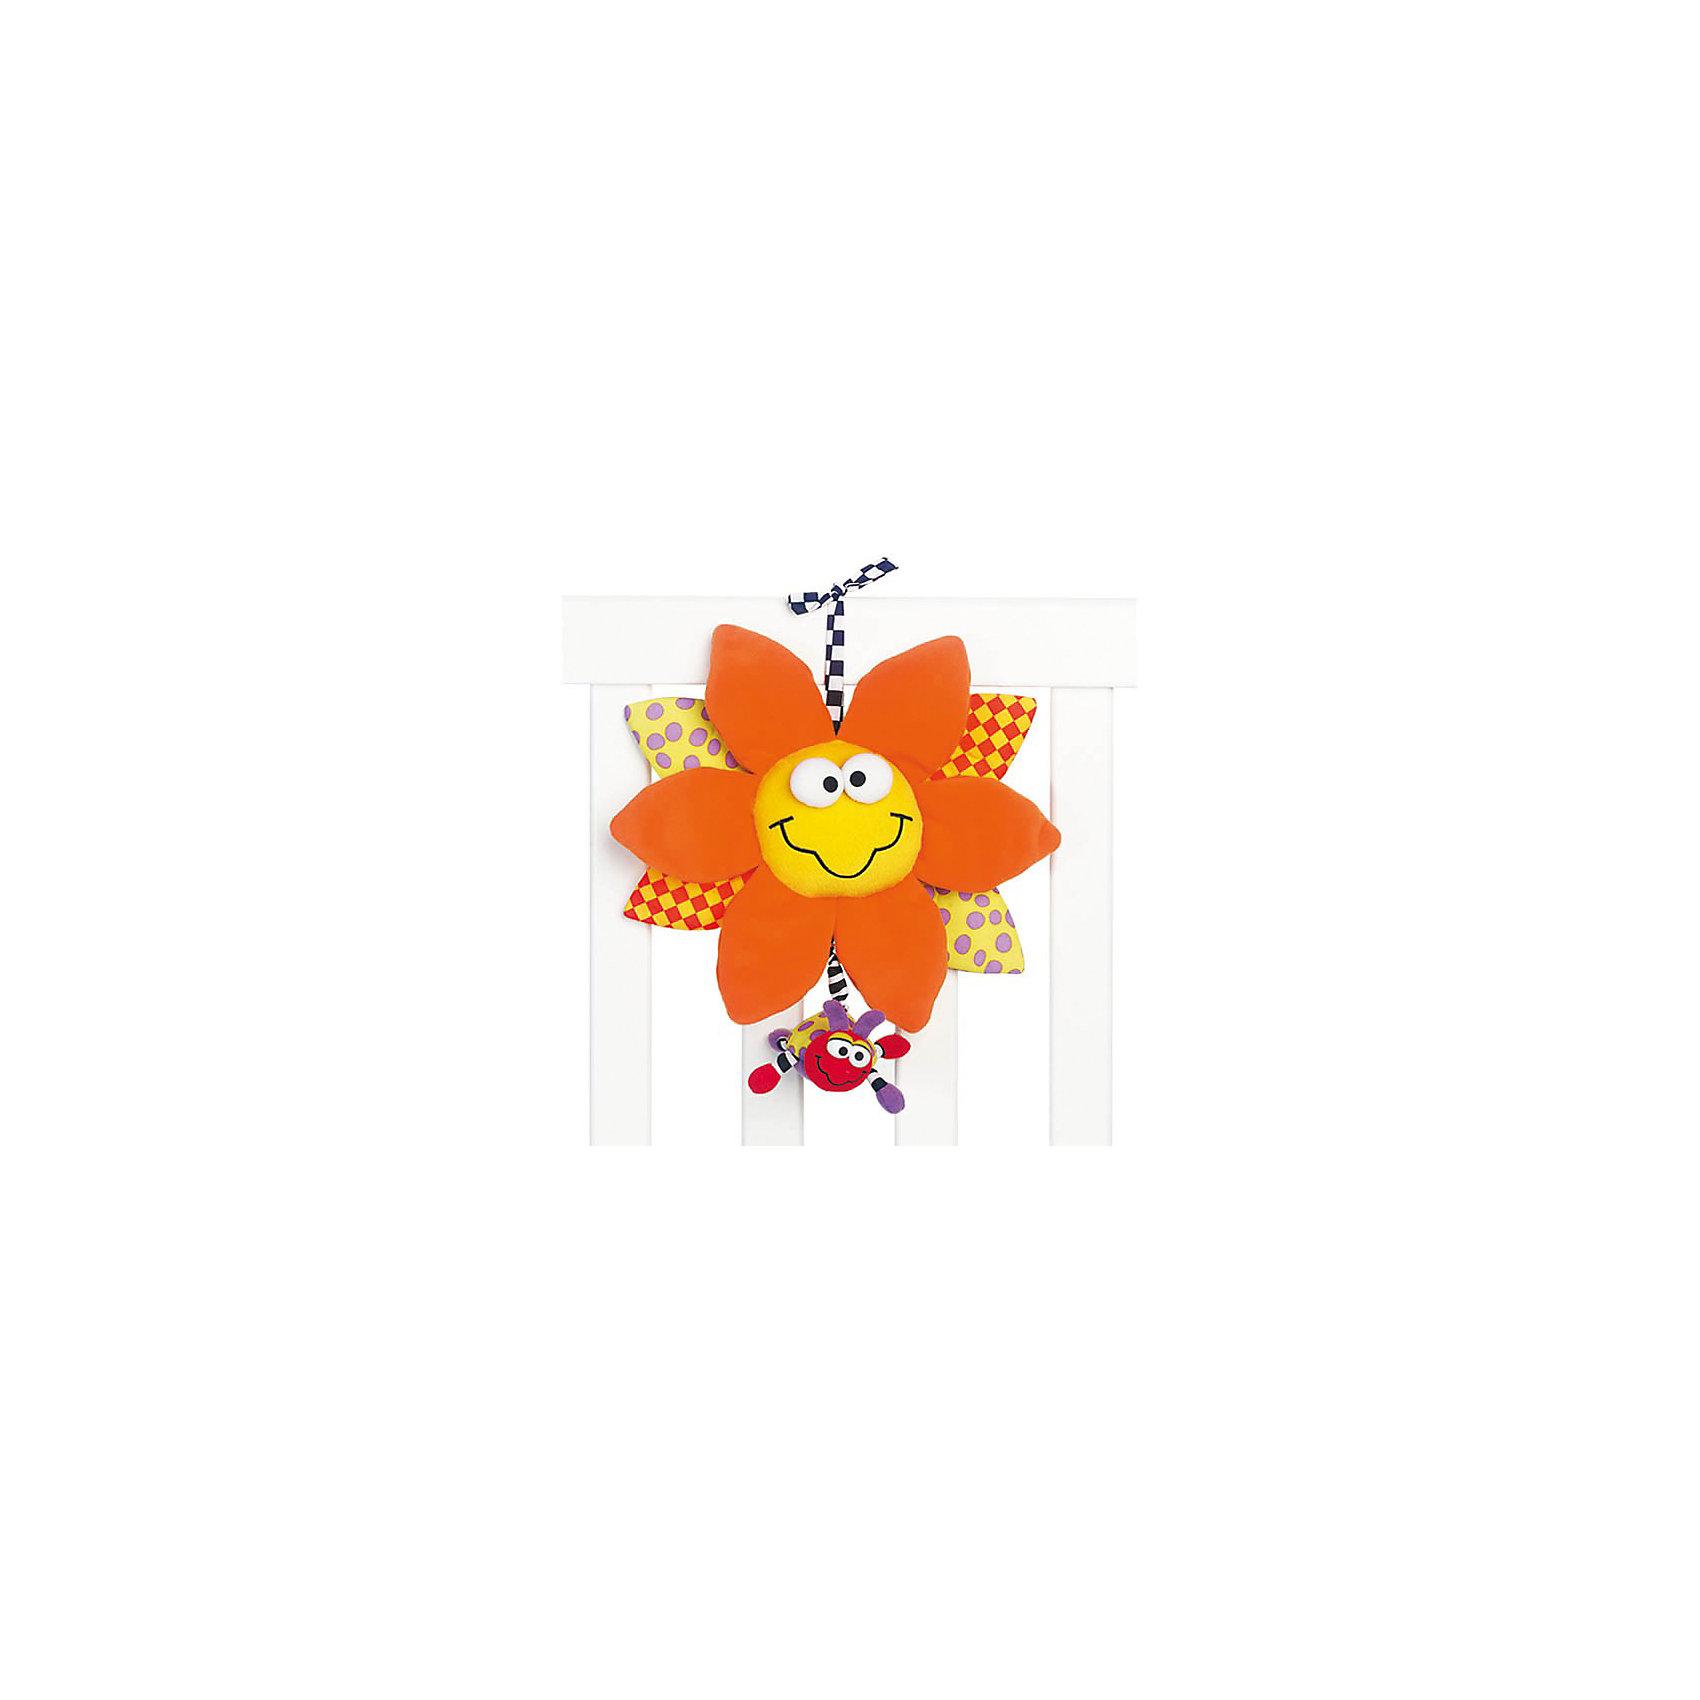 Мягкая игрушка-подвеска, PlaygroМягкие игрушки<br>Мягкая игрушка-подвеска Playgro (Плейгро) со световым и звуковым эффектами станет верным другом для Вашего малыша. Игрушка представляет собой улыбающийся цветочек с яркими лепестками. Верхние лепестки оранжевого цвета изготовлены из приятной на ощупь плюшевой ткани, остальные – из гладкого текстиля. Если потянуть за божью коровку, которая прикреплена к игрушке, раздастся нежная колыбельная мелодия и замигают яркие огоньки, а божья коровка будет медленно возвращаться в исходное положение. Кроме того, малышу будет интересно изучать объемные элементы – глазки и большие лепестки. Музыкальную подвеску можно прикрепить к кроватке, коляске или манежу, при помощи специальной текстильной завязки. <br>Эта подвеска идеальная первая игрушка - она откроет ребенку мир звуков и цветового восприятия: оттенки желтого, которые присутствуют у цветка, самыми первыми распознаются ребенком. А маленькая божья коровка разовьёт хватательный рефлекс. Изготовлена из гипоаллергенных и безопасных материалов.<br><br>Дополнительная информация:<br><br>- Для детей с рождения<br>- Размеры: 25 х 28 см.<br>- Материал: текстиль<br>- Длительность звучания мелодии: 10 минут<br>- На всем протяжении звучания музыки горит подсветка<br>- Батарейки: 3х 1,5V типа LR44 (в комплекте демонстрационные)<br><br>Мягкую игрушку-подвеску, Playgro (Плейгро) можно купить в нашем интернет-магазине.<br><br>Ширина мм: 240<br>Глубина мм: 240<br>Высота мм: 240<br>Вес г: 290<br>Возраст от месяцев: 0<br>Возраст до месяцев: 18<br>Пол: Унисекс<br>Возраст: Детский<br>SKU: 3775853